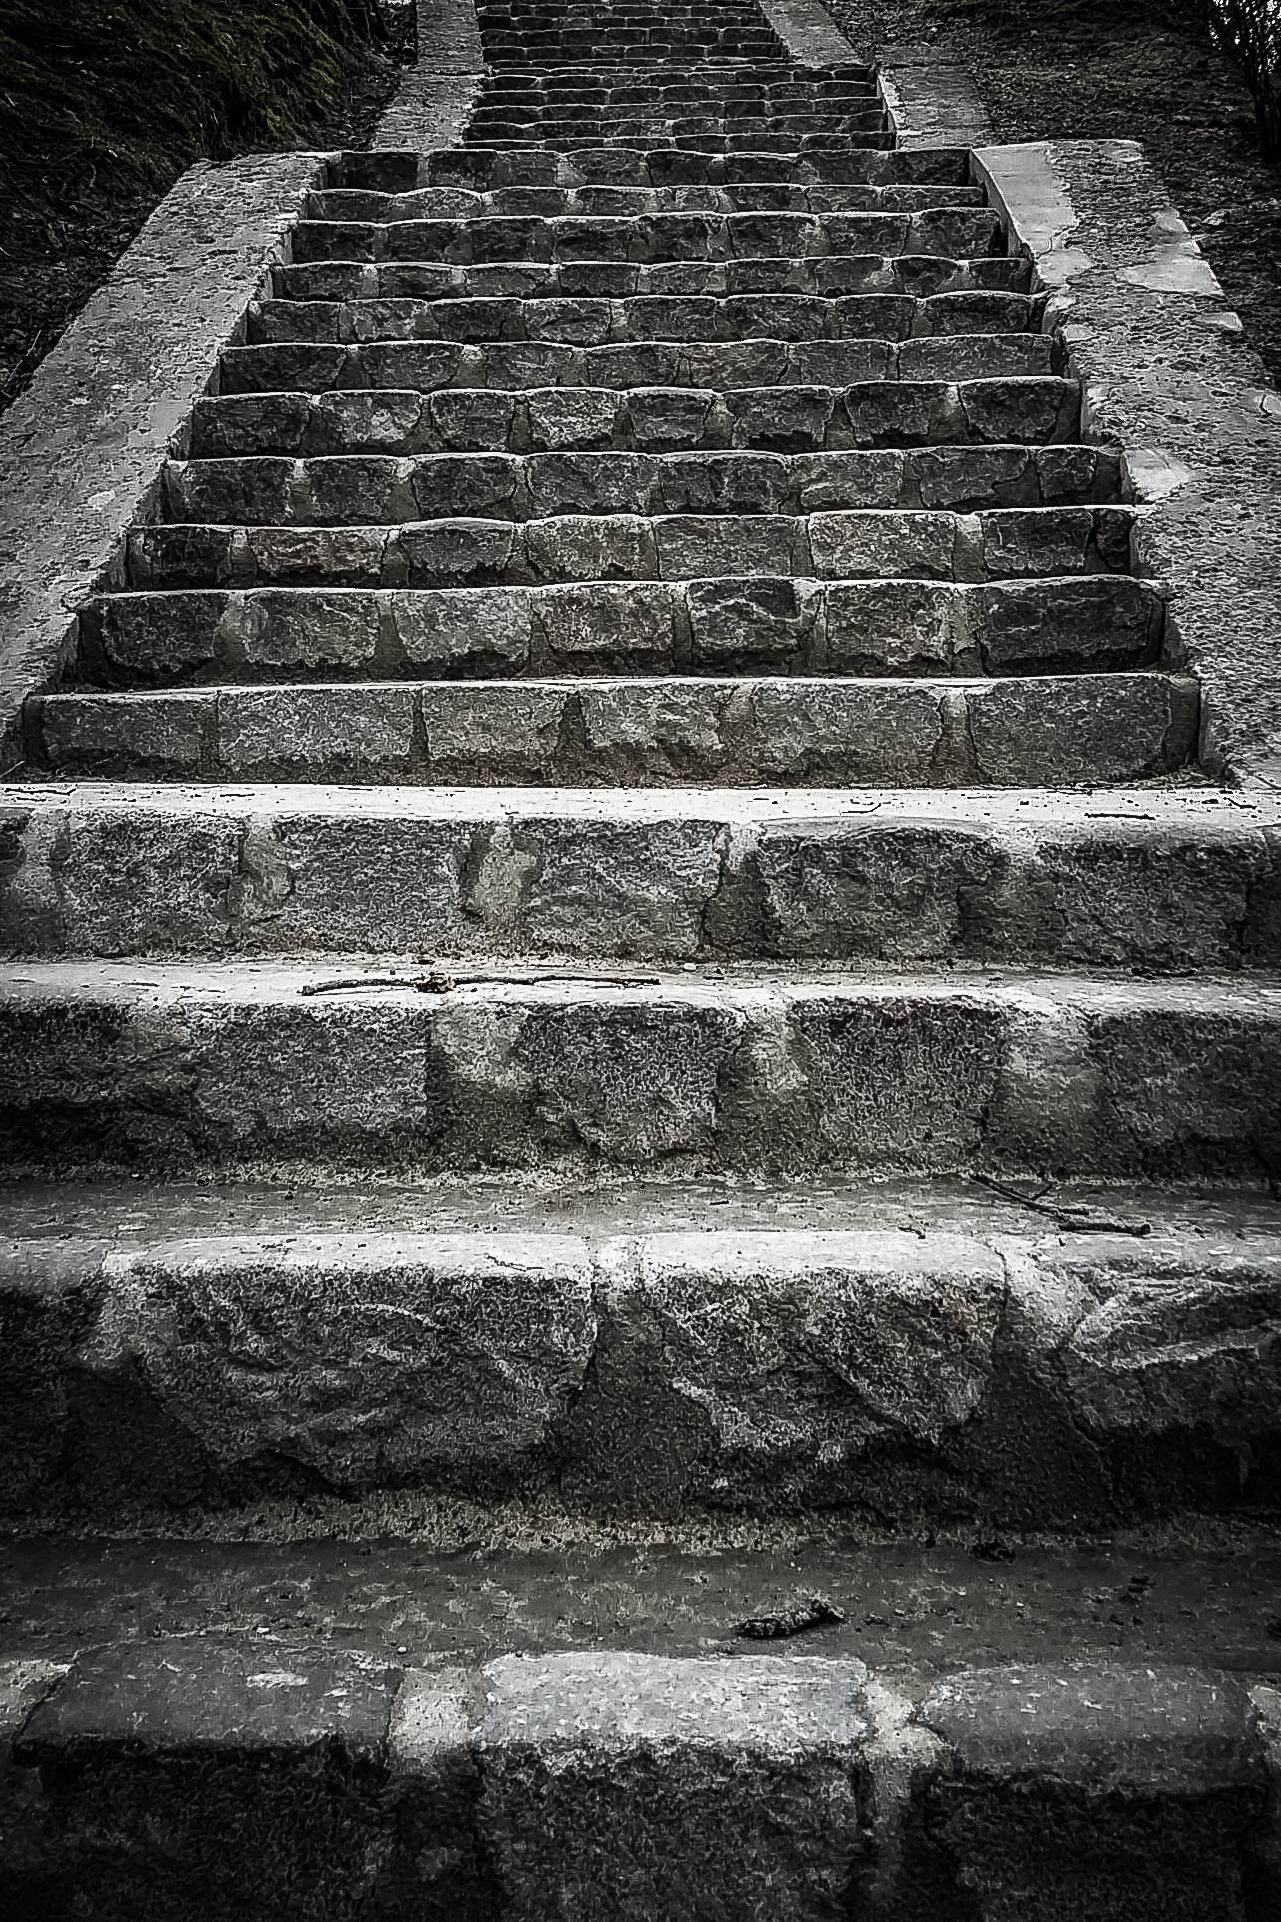 Stone Stairs Via @Atisgailis